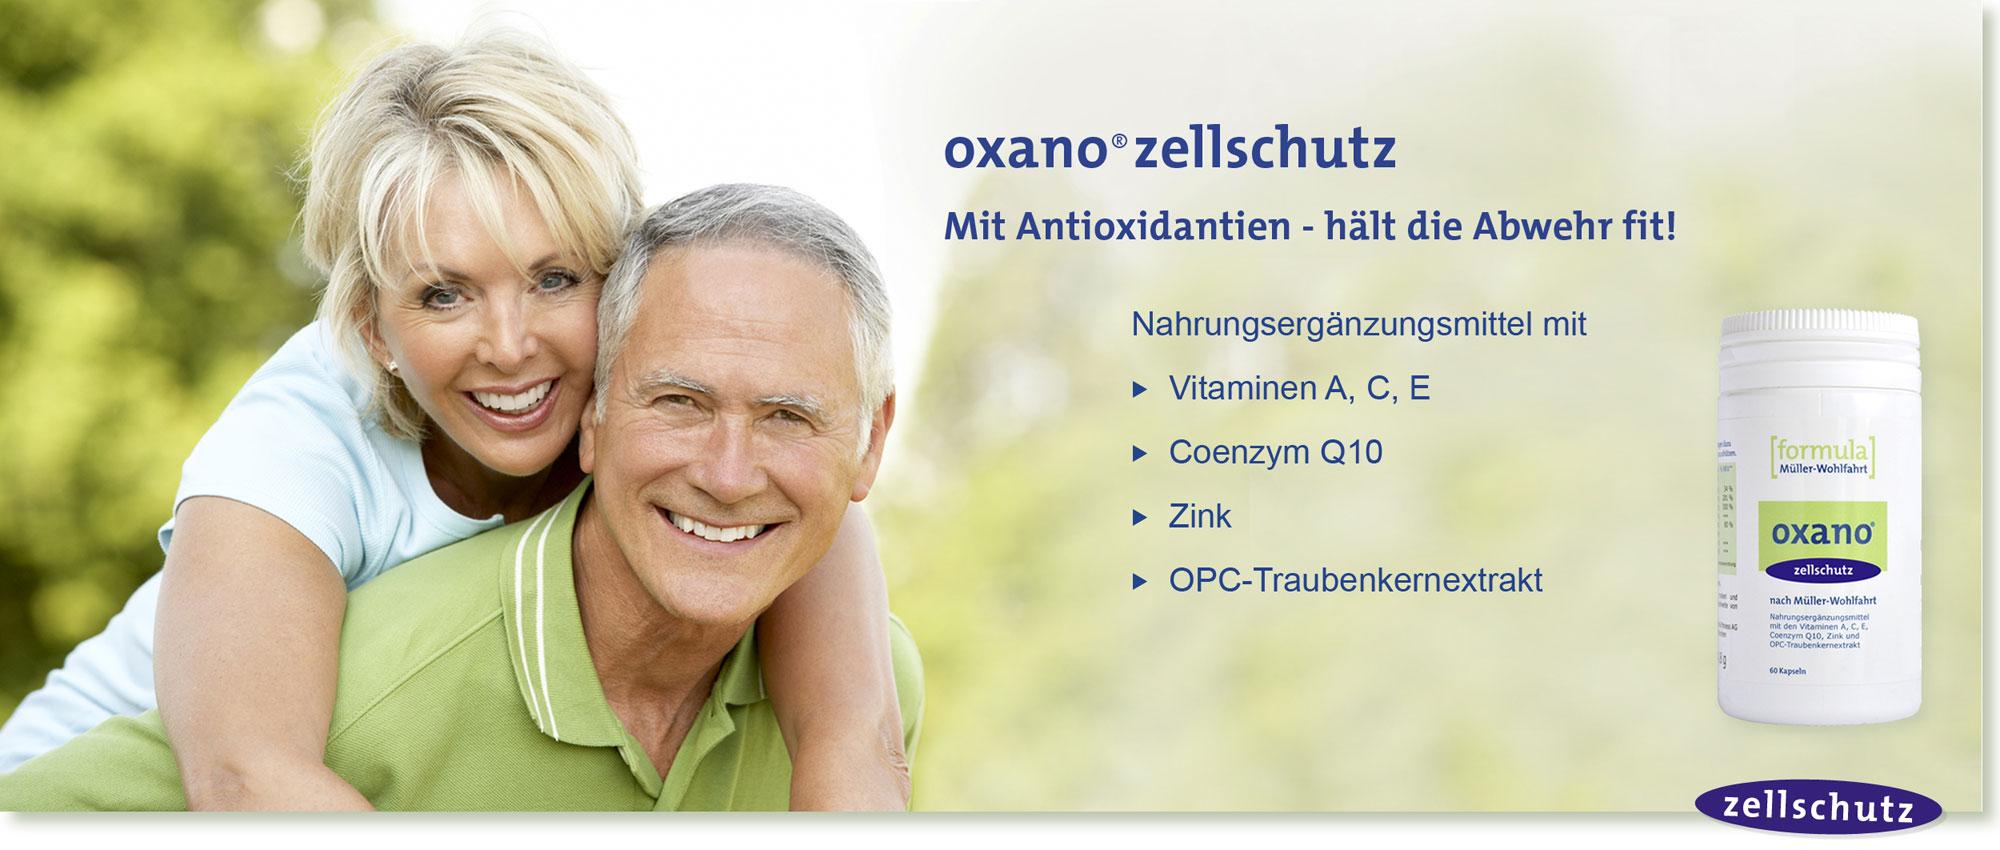 HeadImage | OXANO-Zellschutz Antioxidantien-Kapseln nach Müller-Wohlfahrt mit Vitaminen, Zink, OPC-Traubenkernextrakt, Coenzym Q10